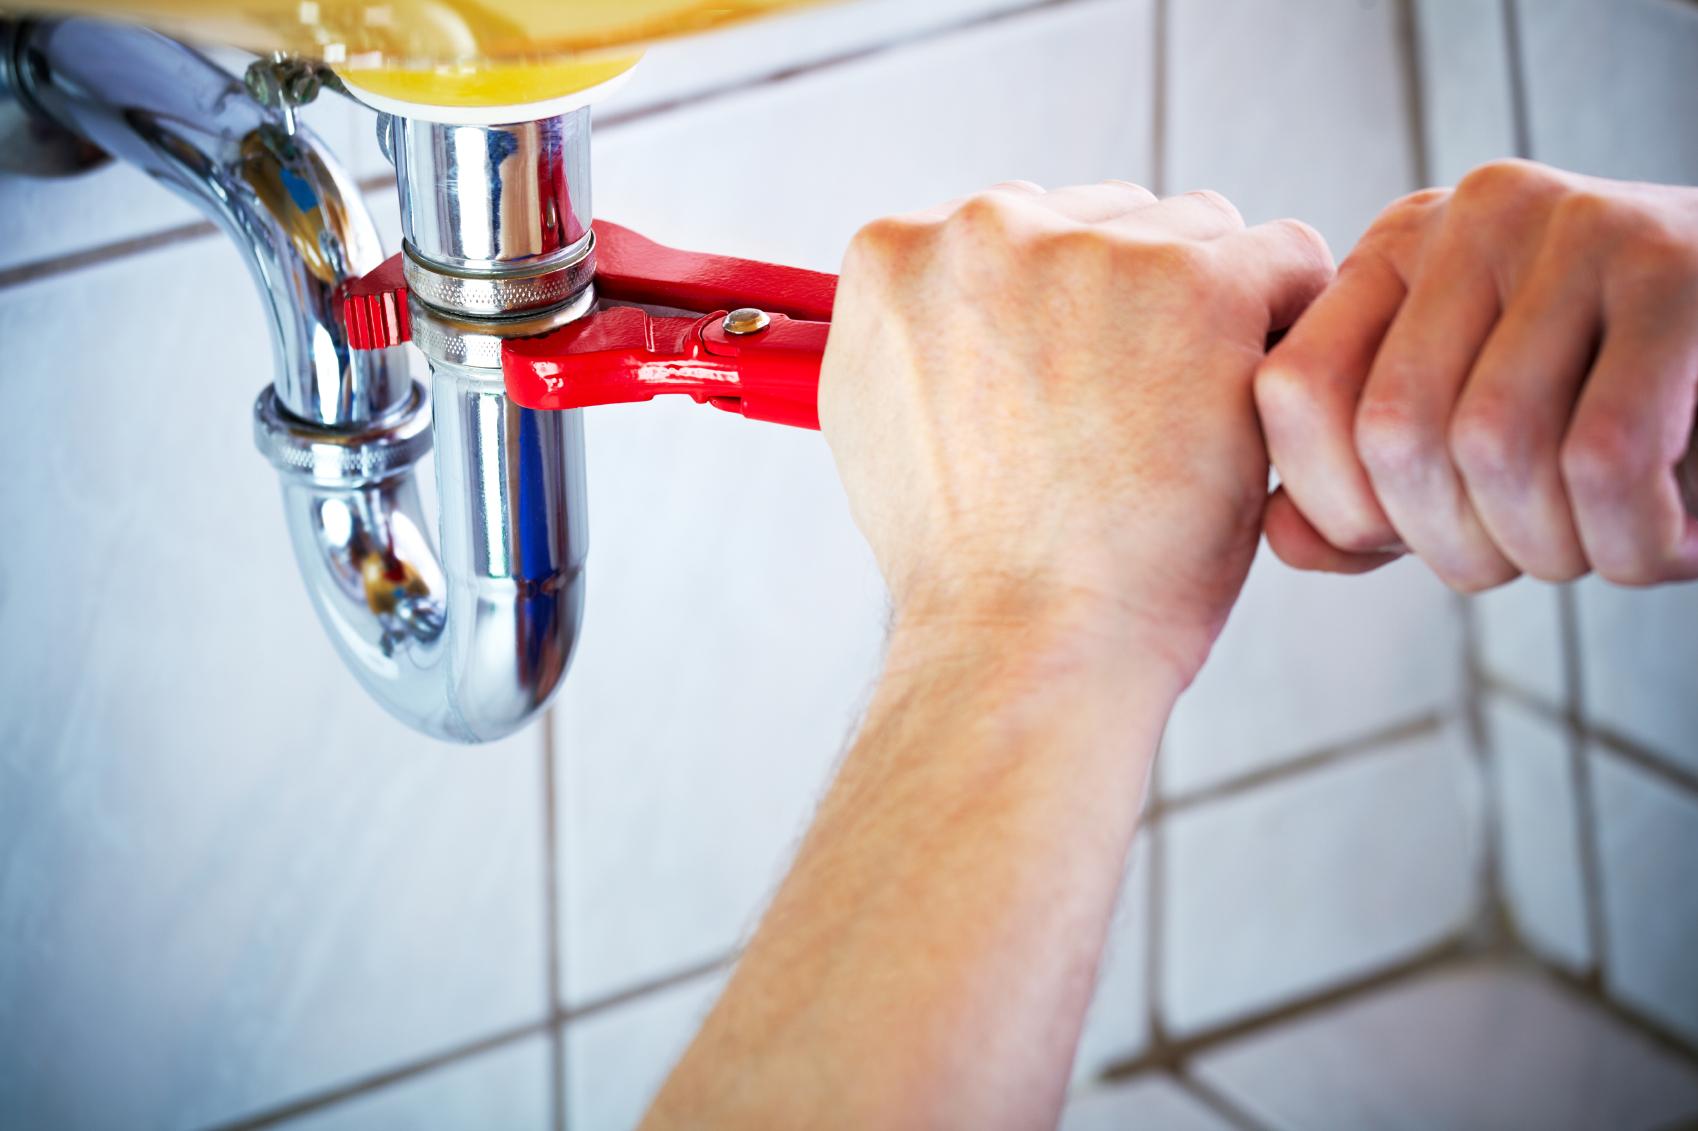 carter plumbing amarillo emergency plumbing